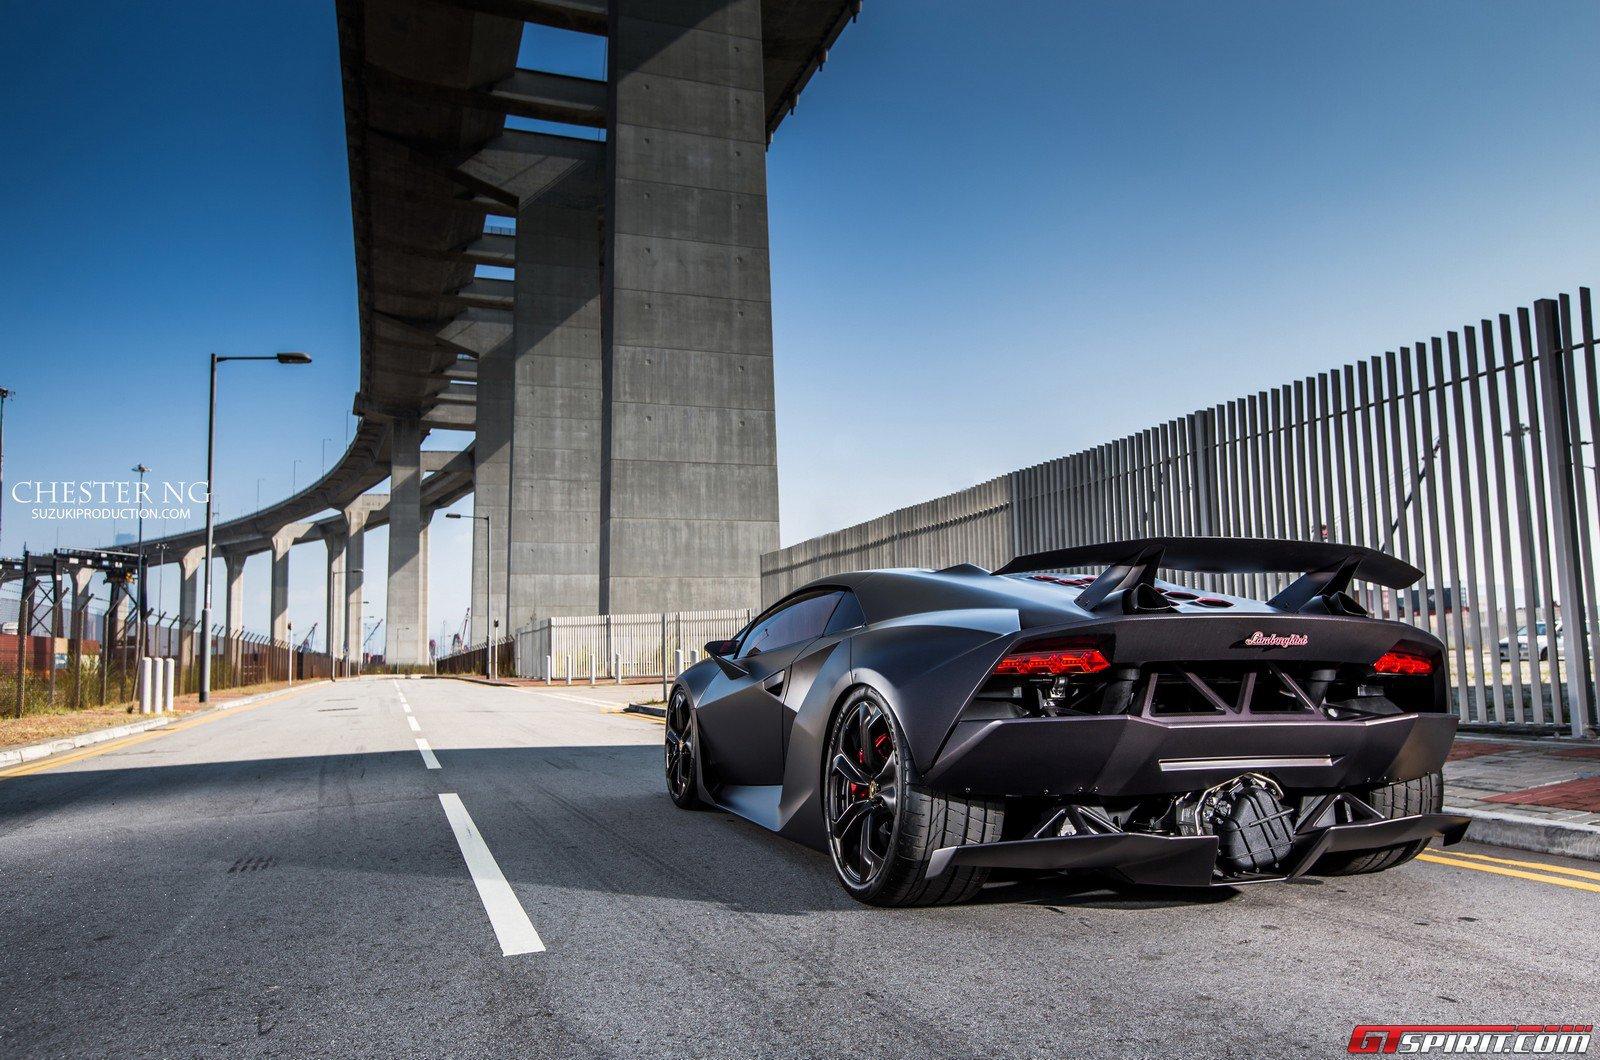 for sale lamborghini sesto elemento 1 of 5 gtspirit - Lamborghini Sesto Elemento